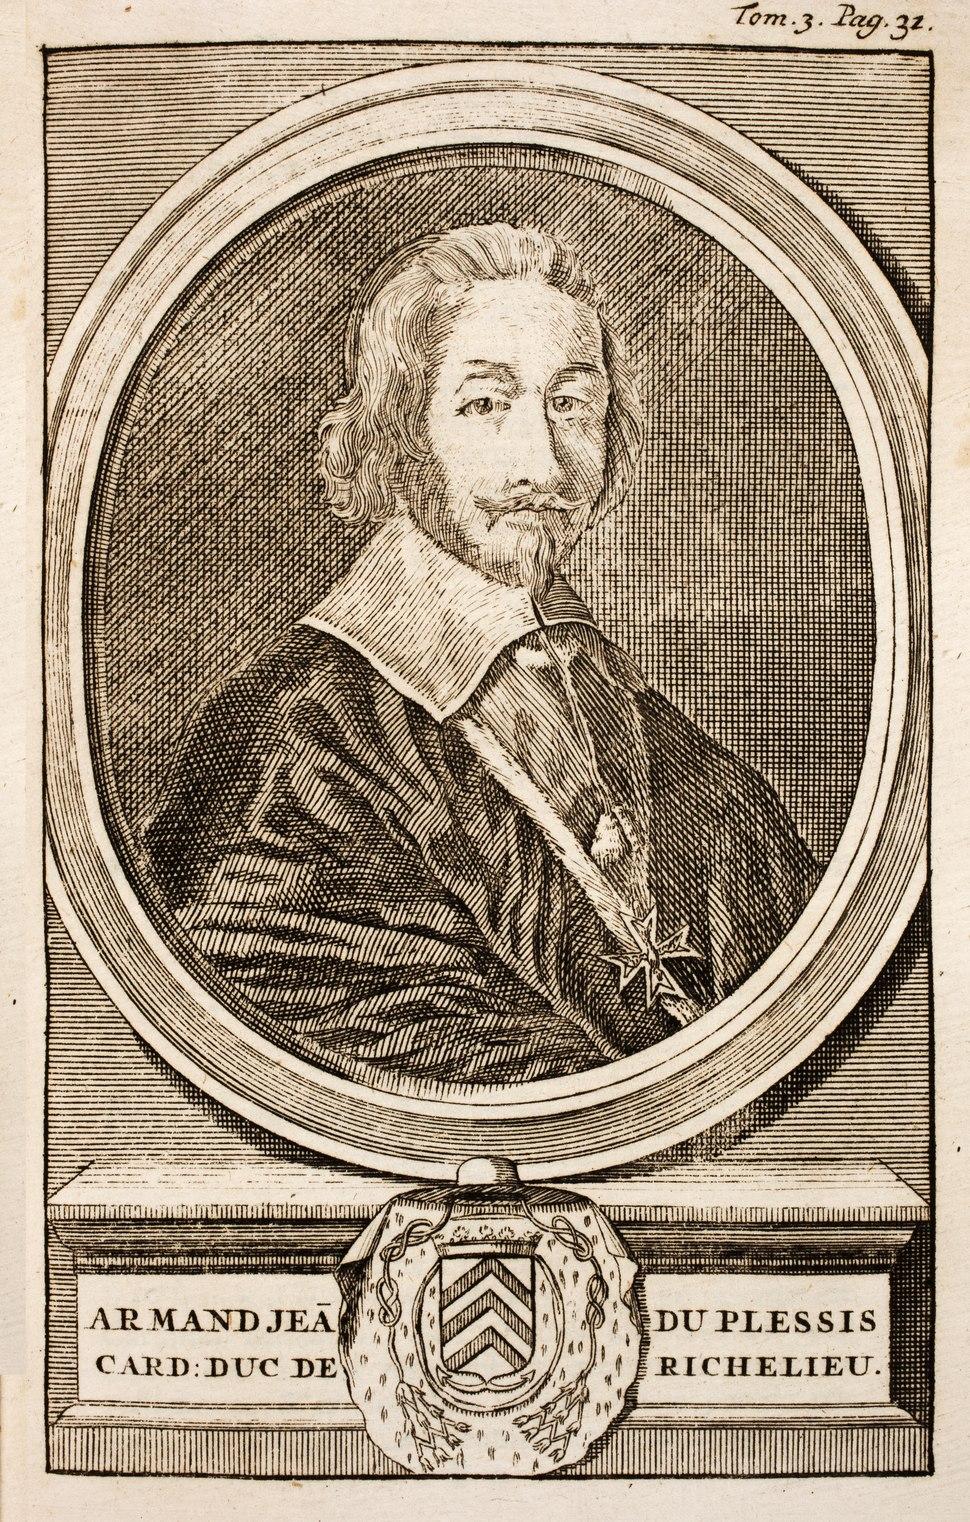 Giovanni-Paolo-Marana-Espion-turc MG 9424